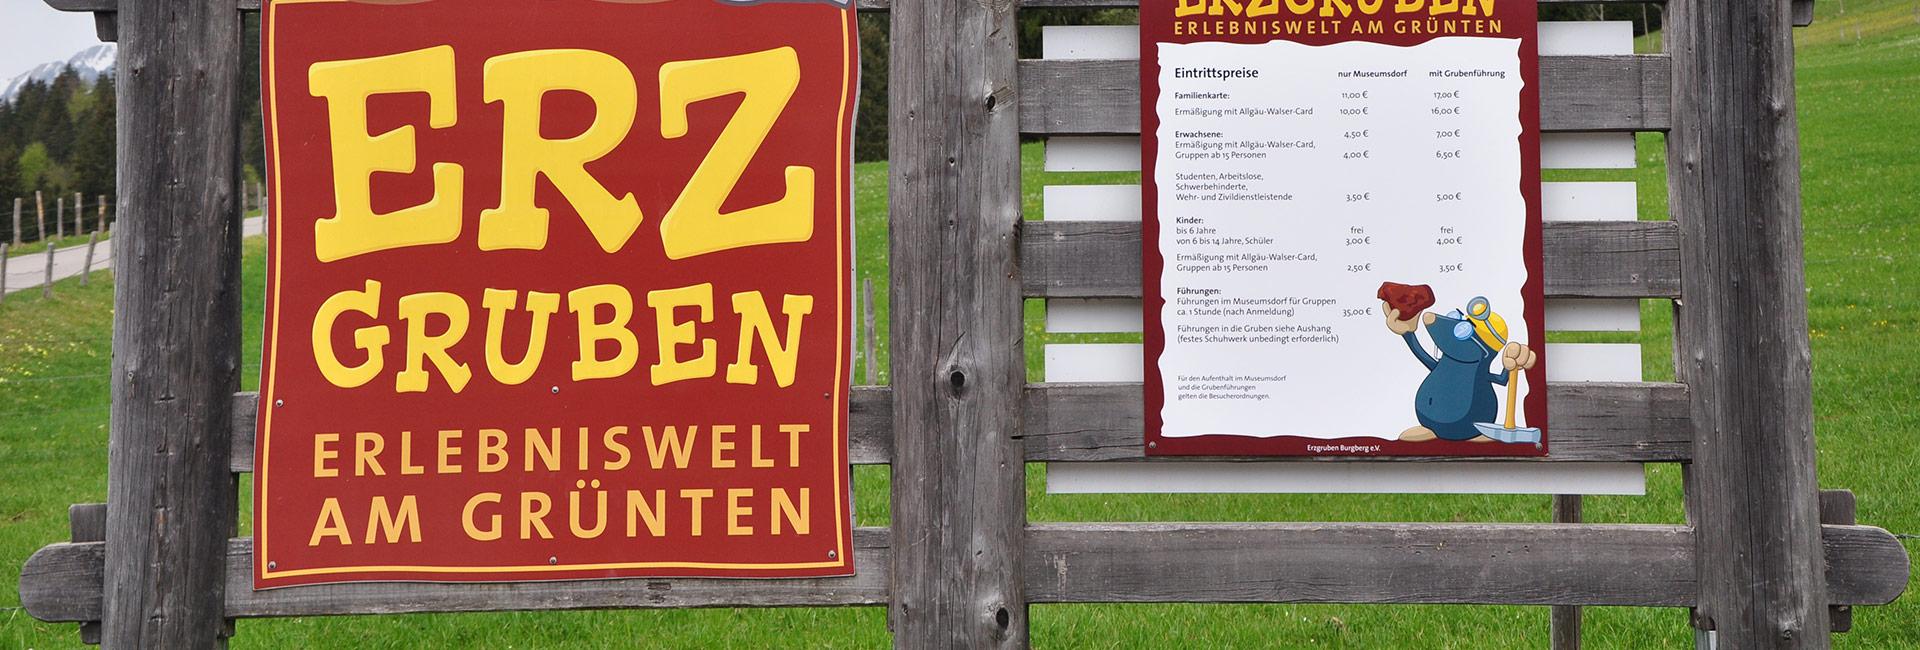 Erzgruben Erlebniswelt - Copyright Gabriele Fischer